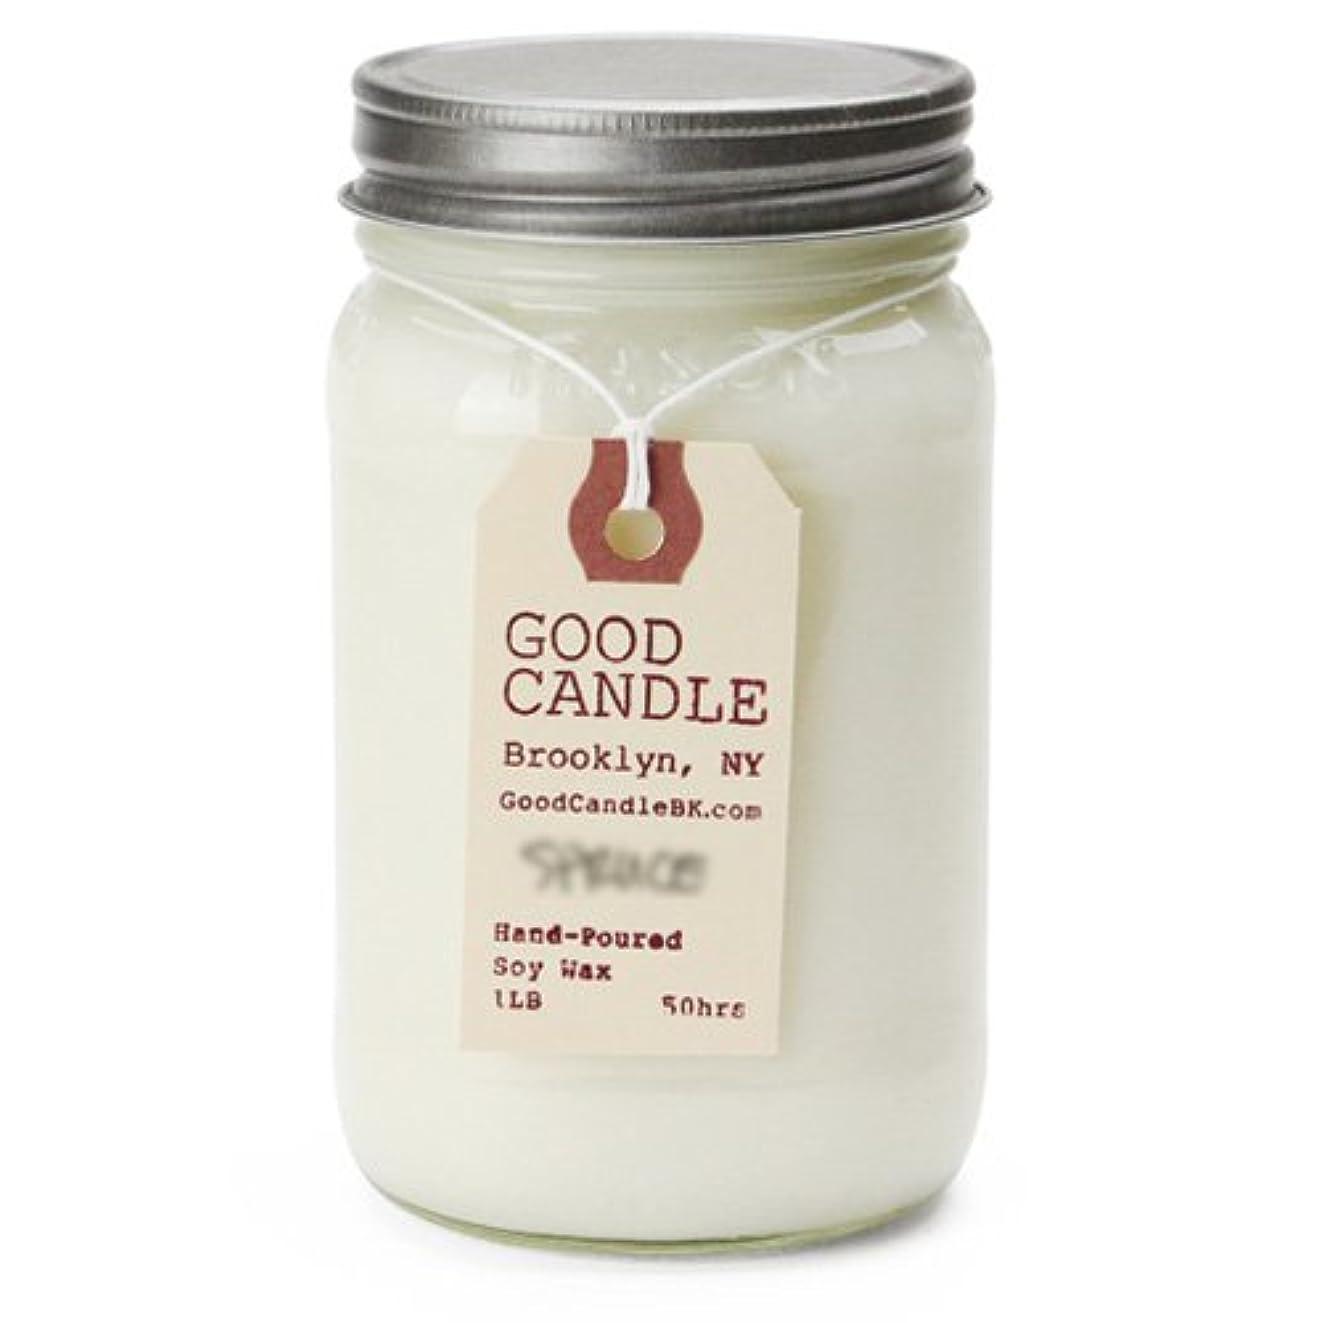 究極の自発血統グッドキャンドル 1ポンド メイソンジャー キャンドル Good Candle 1LB Mason jar candle [ Camp fire ] 正規品